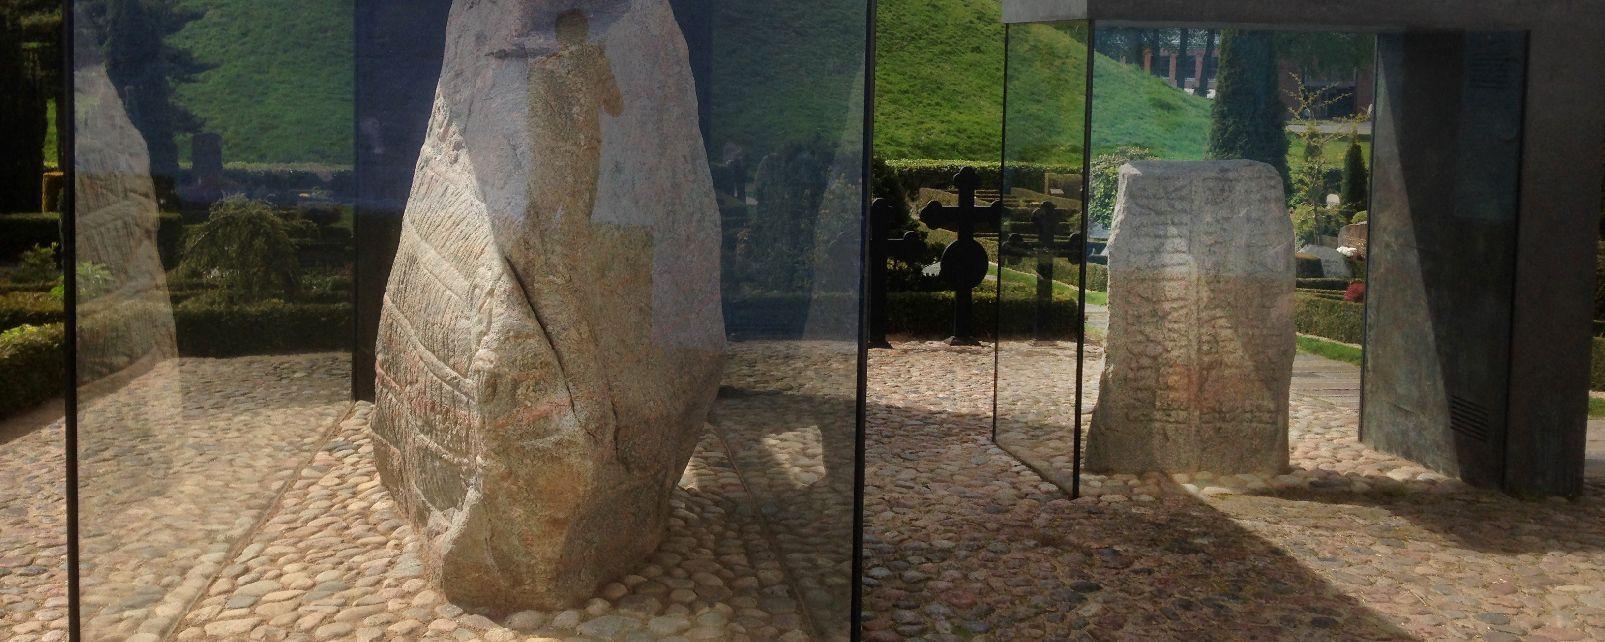 Le site préhistorique de Jelling , Les pierres runiques de Jelling , Danemark